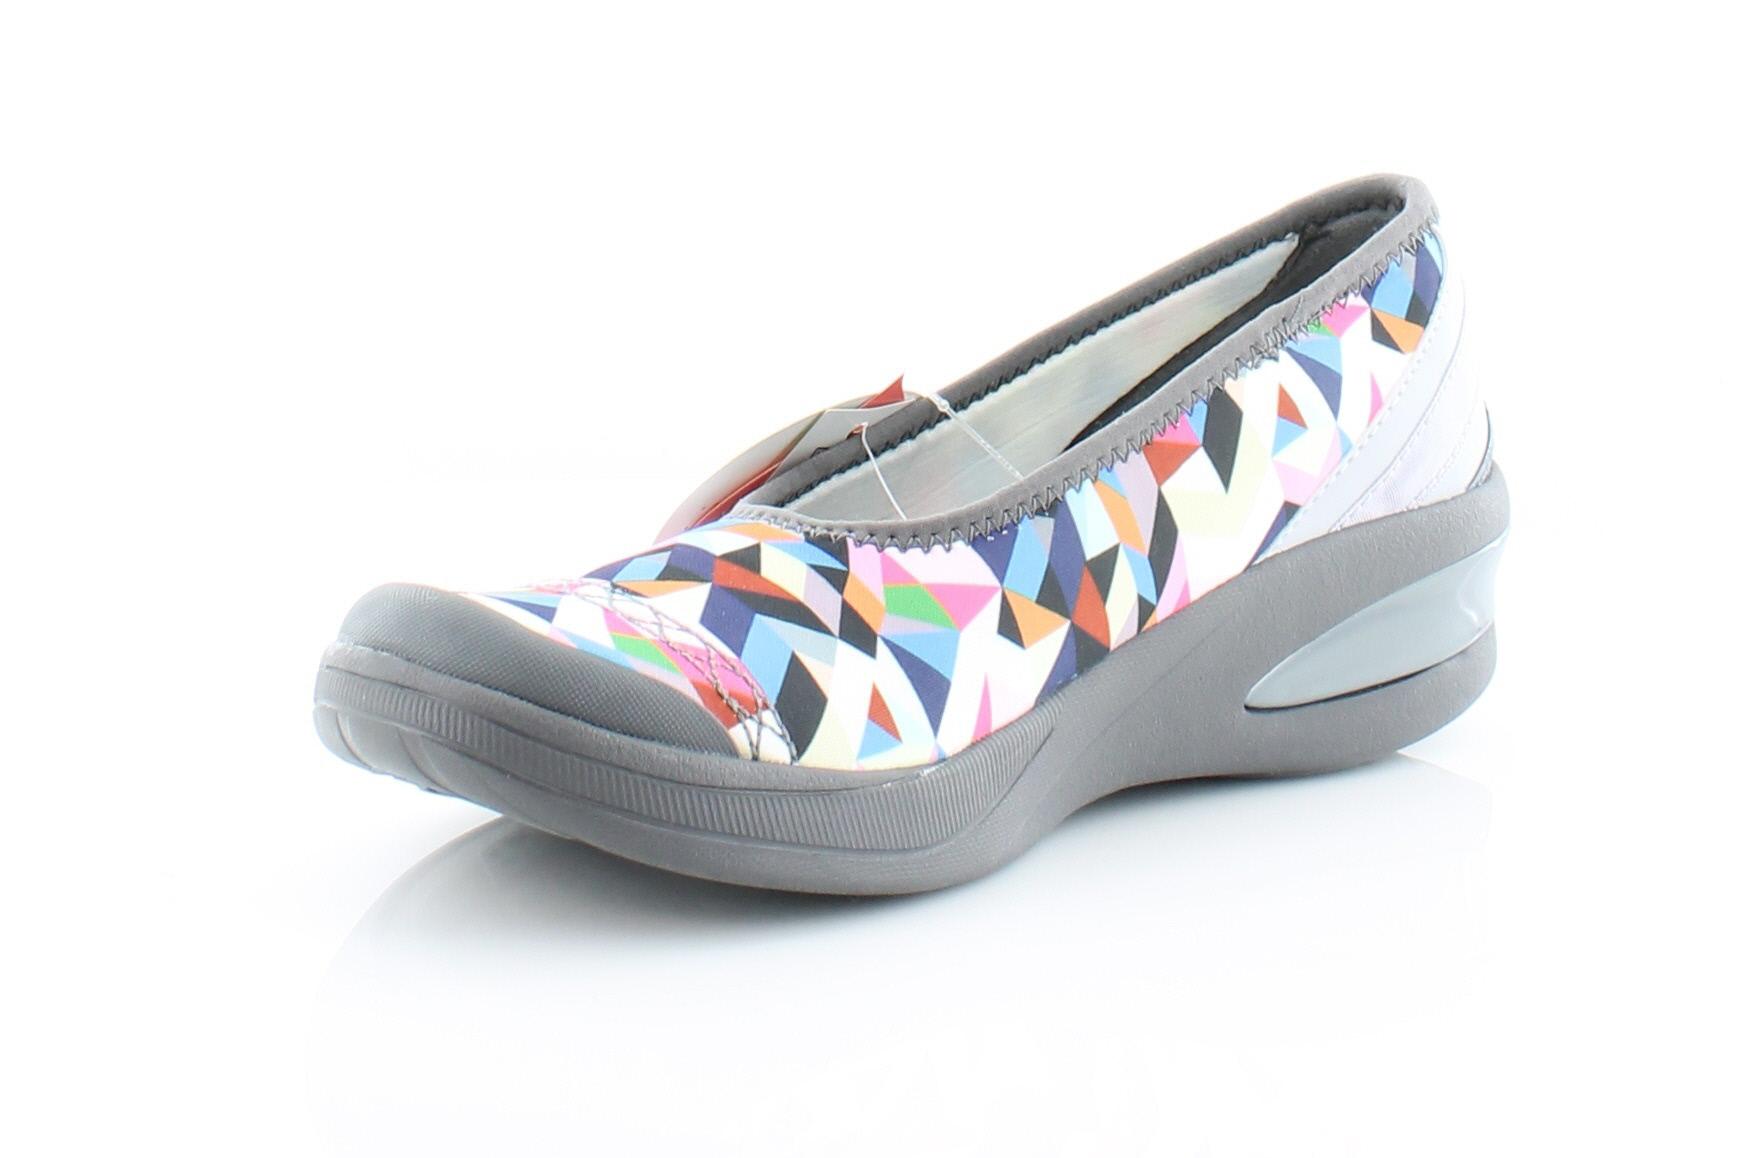 naturalizer sport fair multi color womens shoes